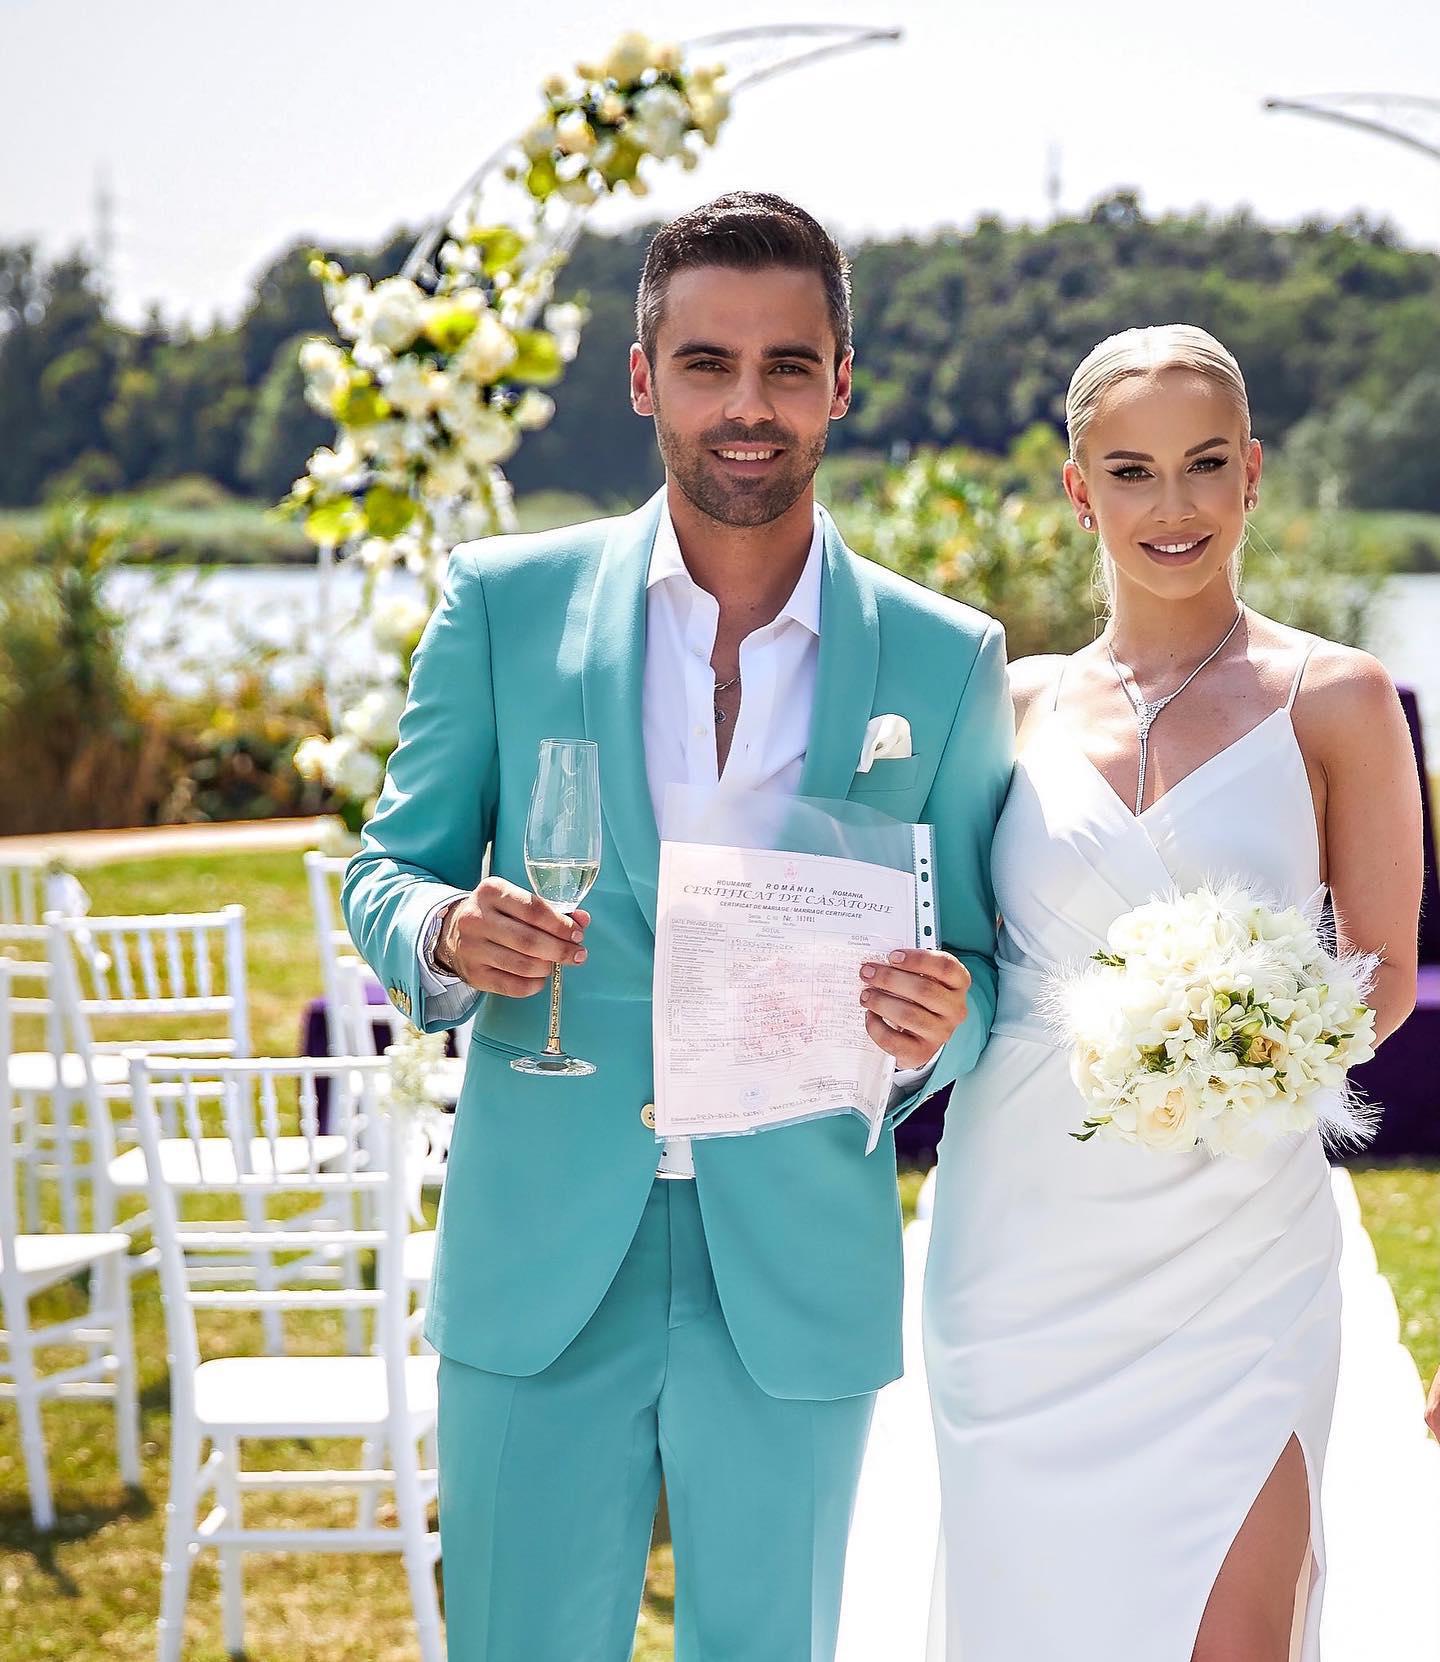 Sandra Izbașa și Răzvan Bănică s-au căsătorit iar noi ne-am bucurat să-i avem aproape și împreună să realizăm costumul din povestea lor.